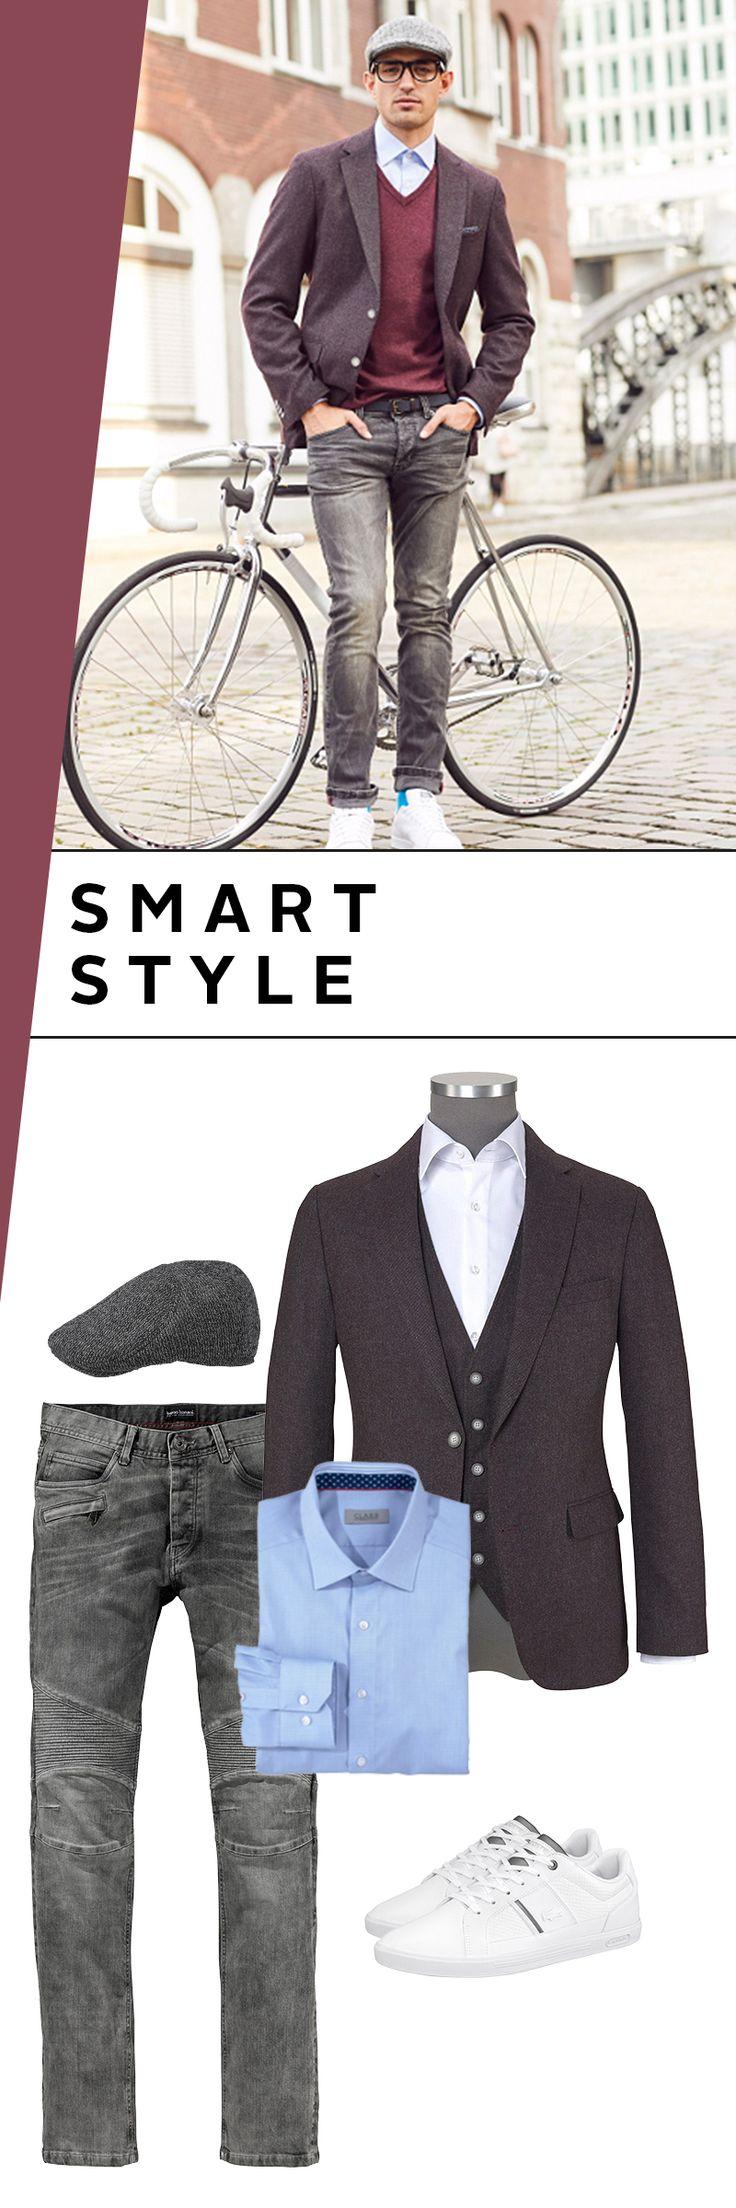 Smart unterwegs in Freizeit und Business! Mit der elegant-coolen Kombi aus V-Pullover, Sakko, Jeans und lässiger Schiebermütze sind echte Männer bei jedem Anlass außergewöhnlich gut gekleidet – und voll im Trend!